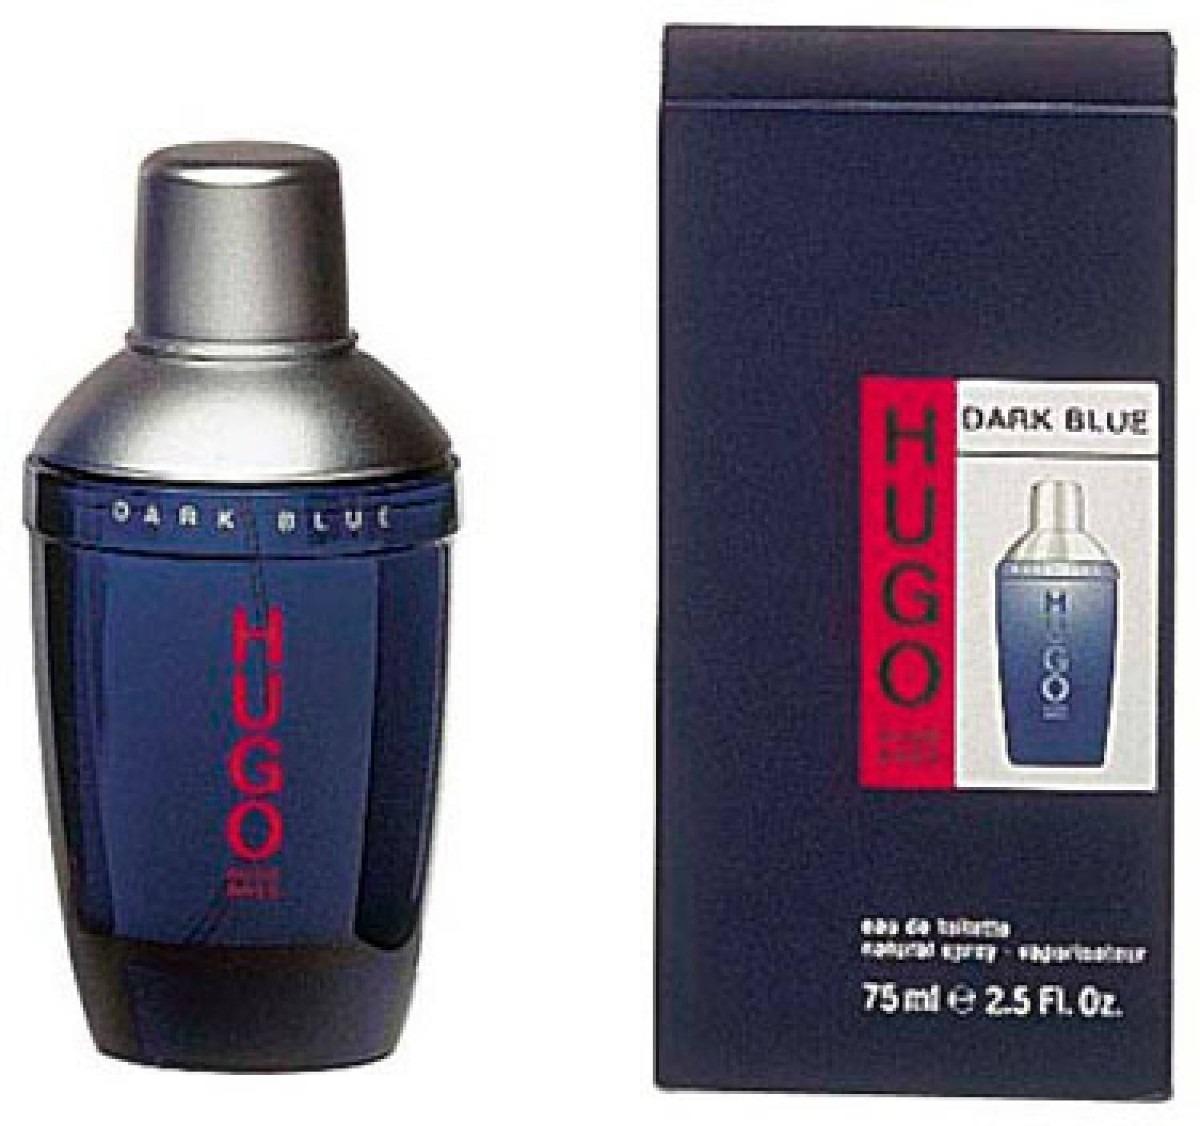 hugo boss dark blue 75ml edt male models picture. Black Bedroom Furniture Sets. Home Design Ideas